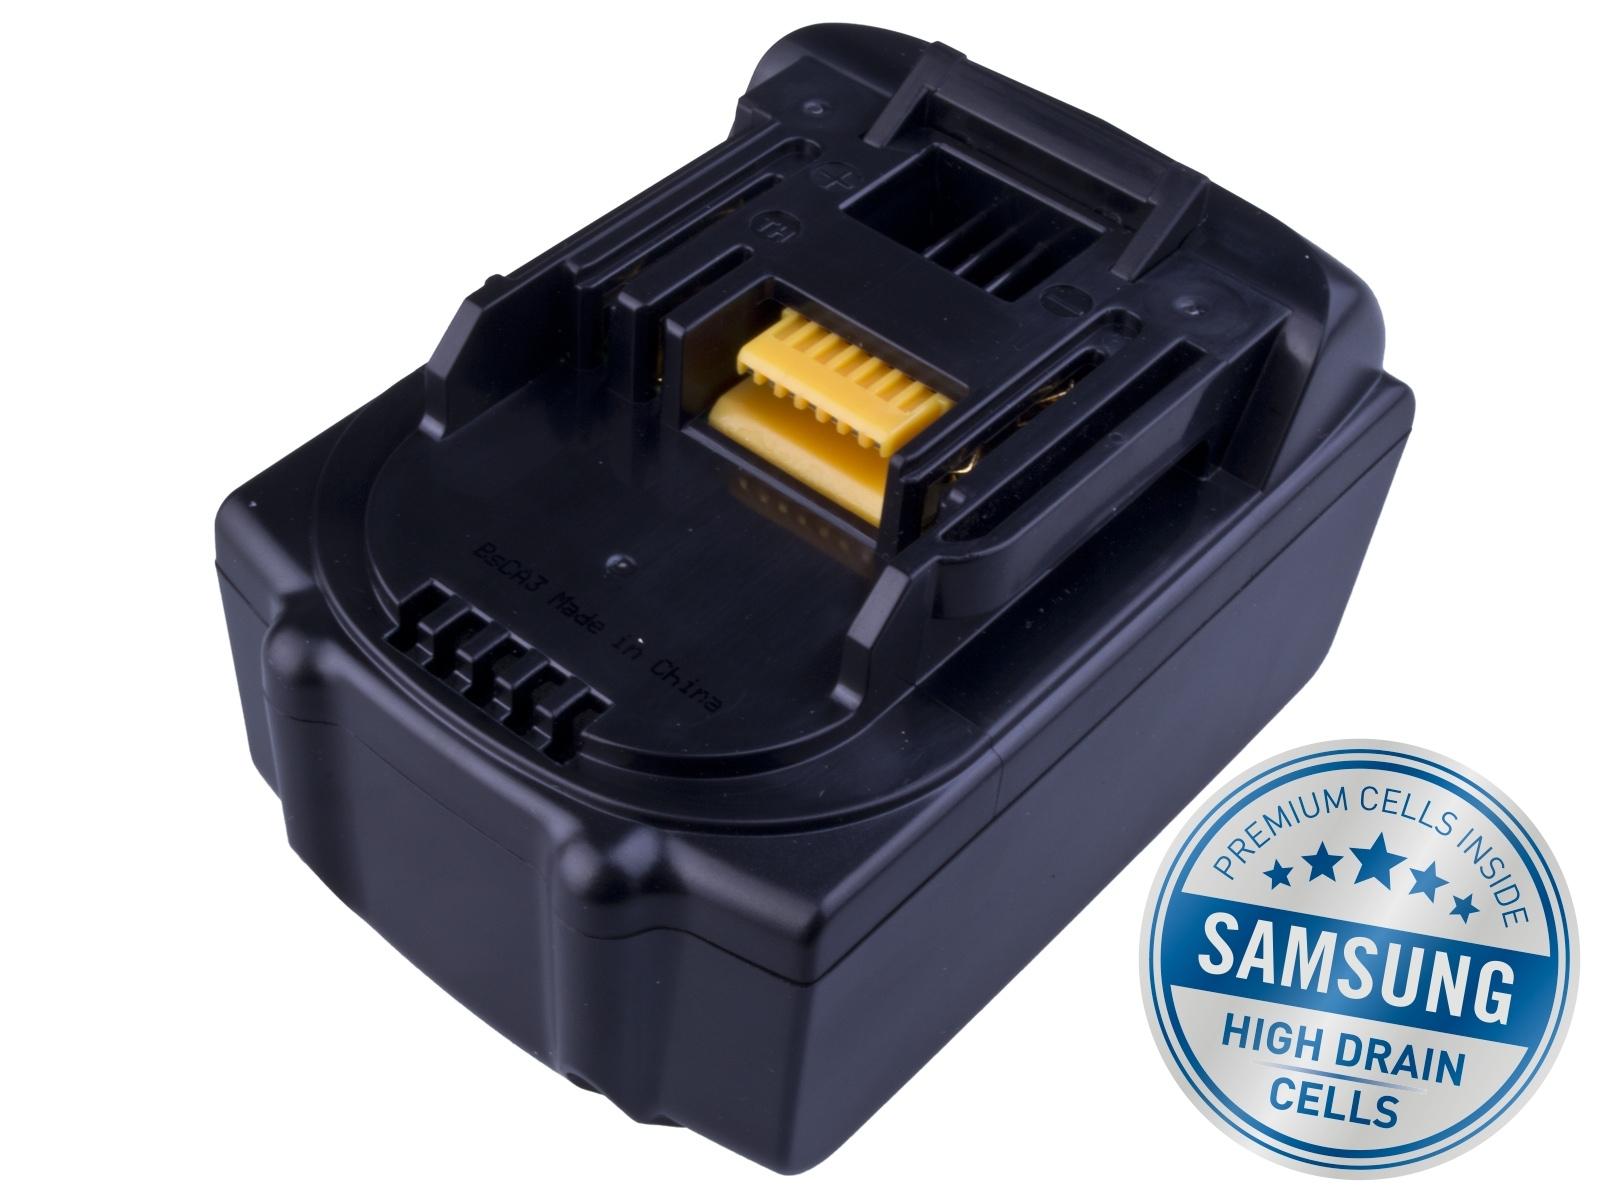 Baterie AVACOM MAKITA BL 1830 Li-Ion 18V 4000mAh, články SAMSUNG